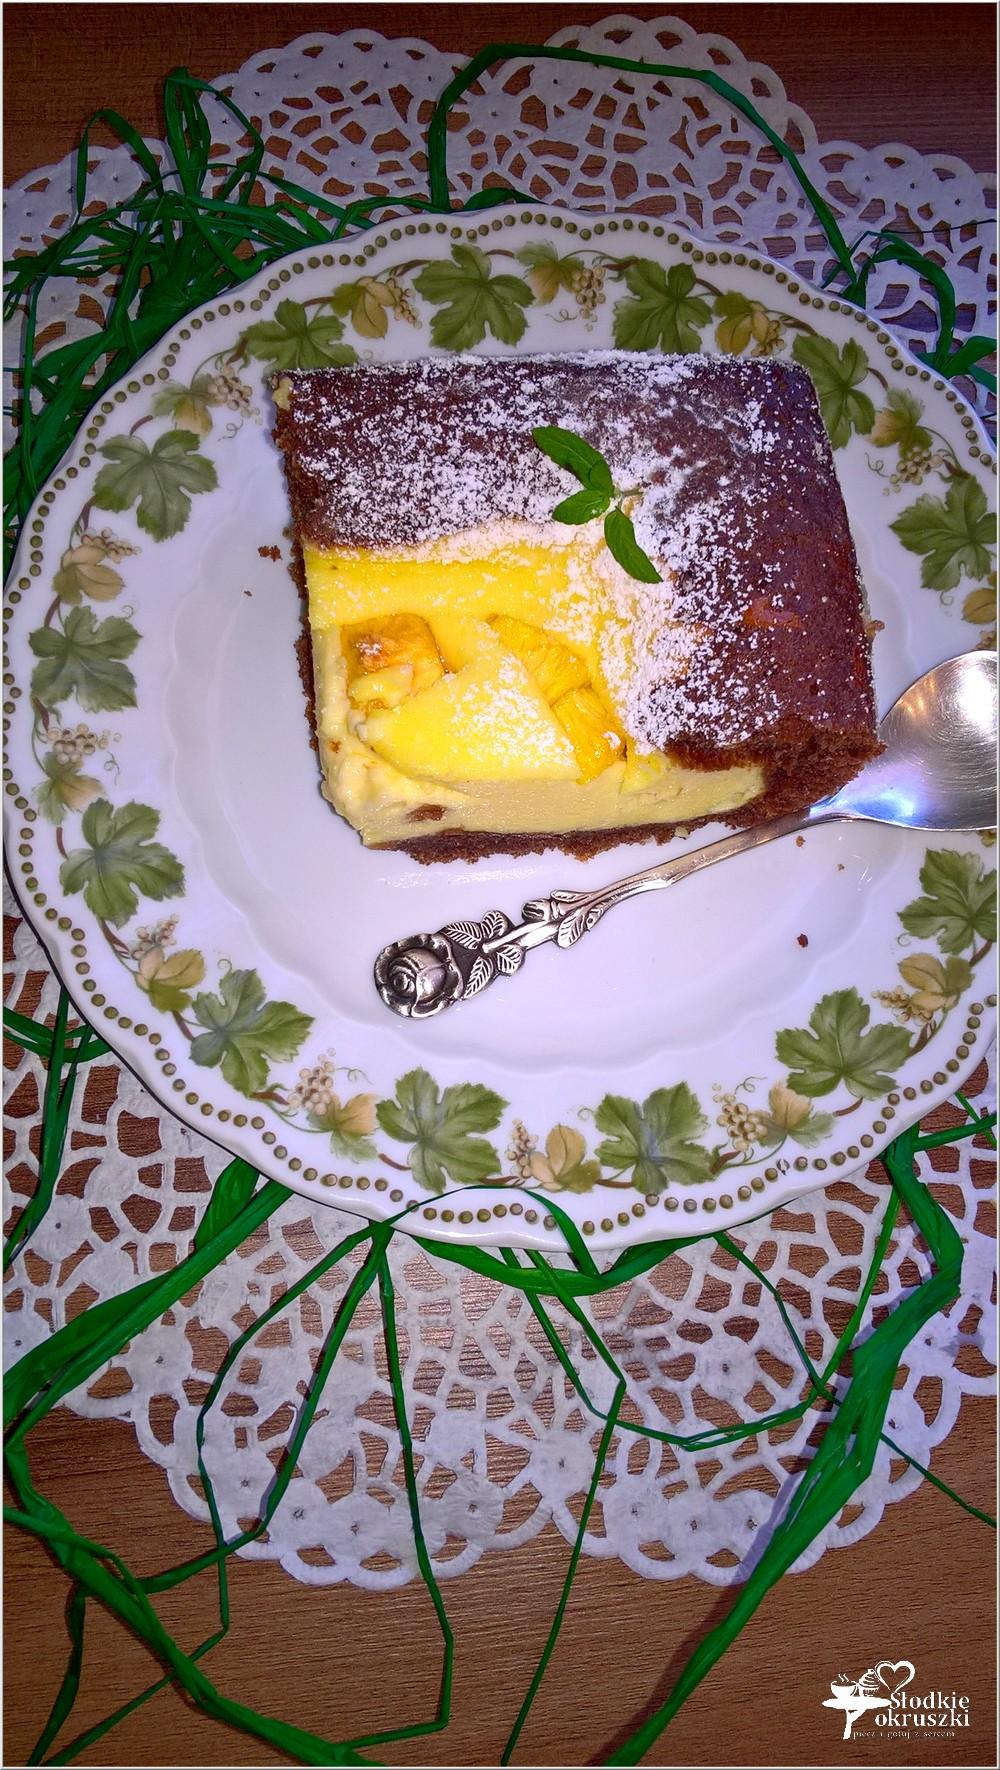 Sernik z brzoskwiniami w czekoladowym cieście (2)